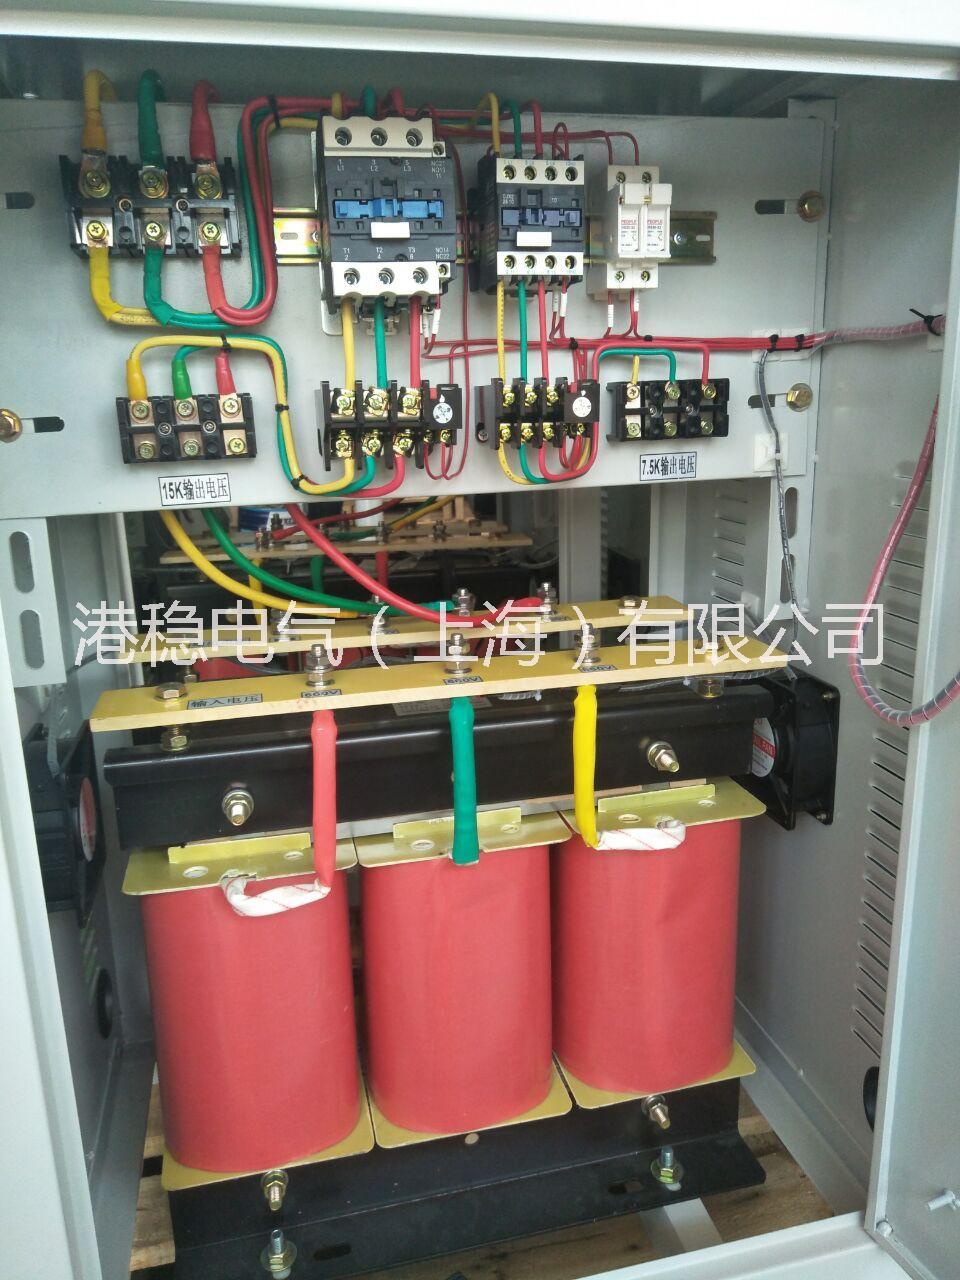 油浸式电力变压器厂家 S11-M-80KVA三相6/10KV油浸式电力变压器20/30/50/125/200/250KW